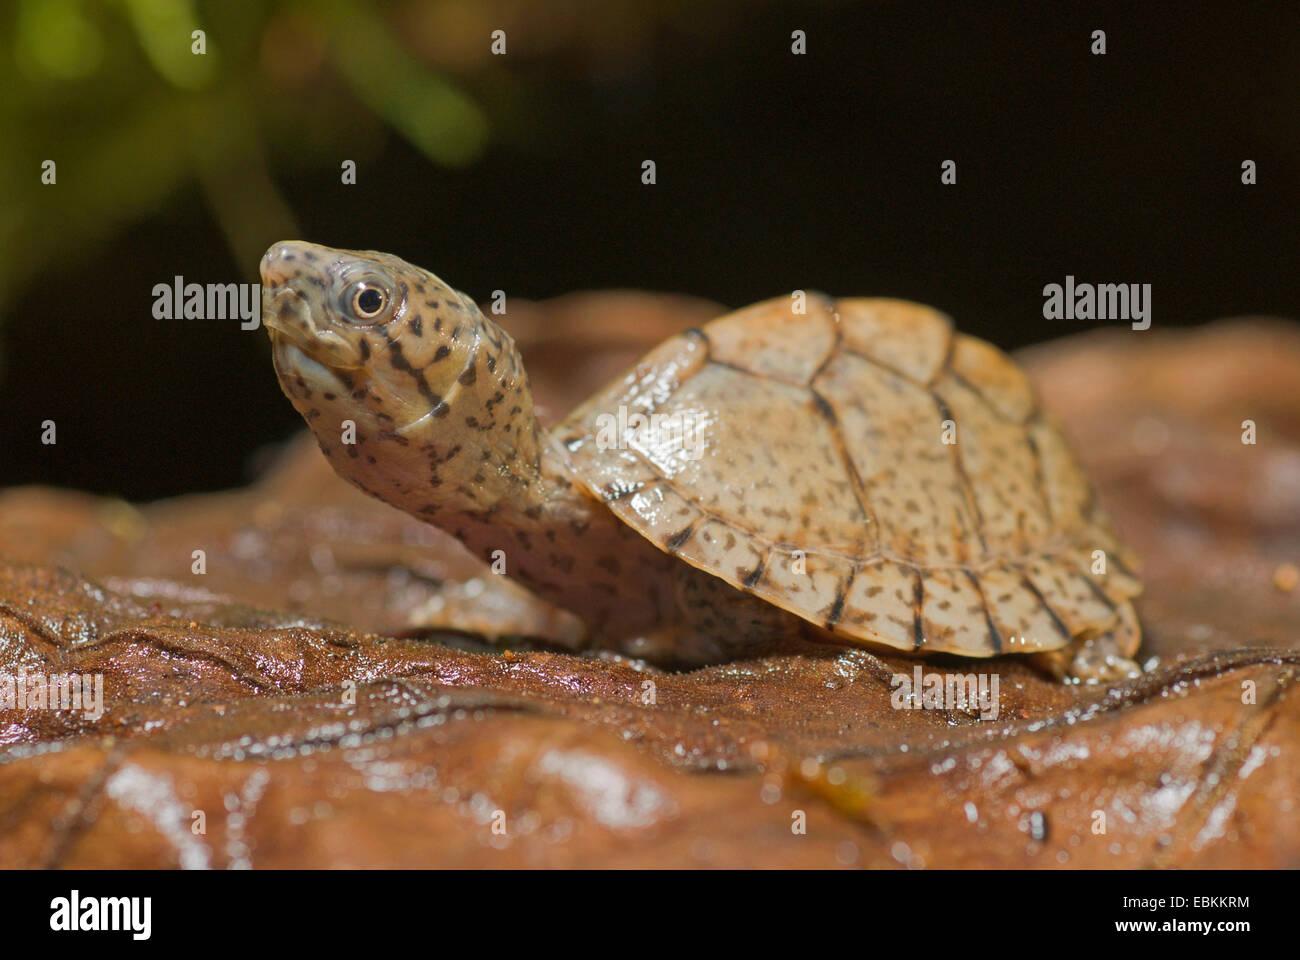 Loggerhead musk turtle (Sternotherus minor, Kinosternon minor), juvenile - Stock Image